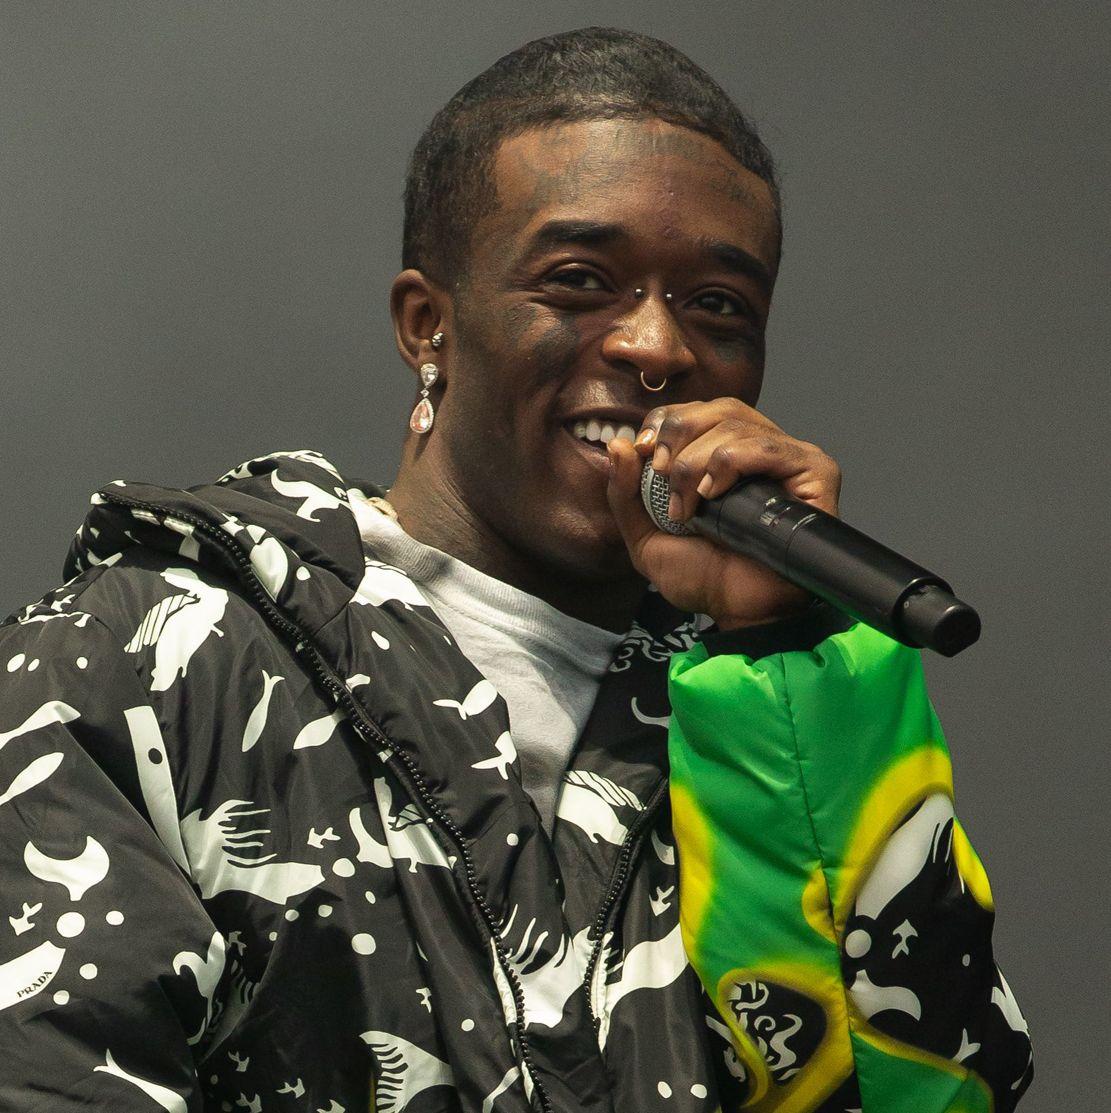 Lil Uzi Vert Drops New Album Eternal Atake See Tracklist